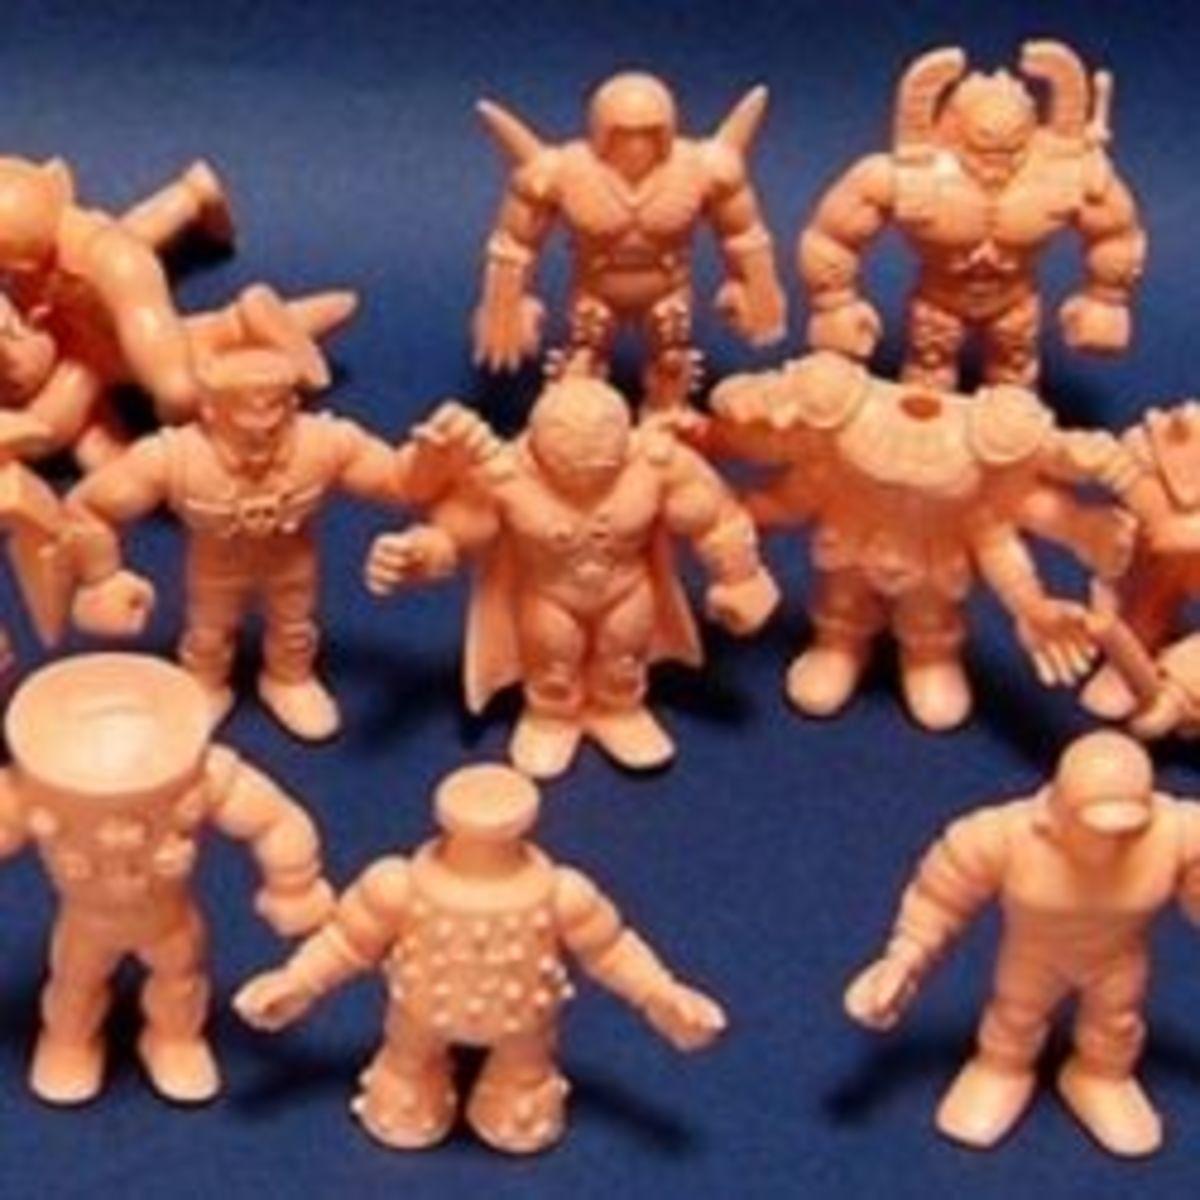 1980s M.U.S.C.L.E. Men Wrestler Toys